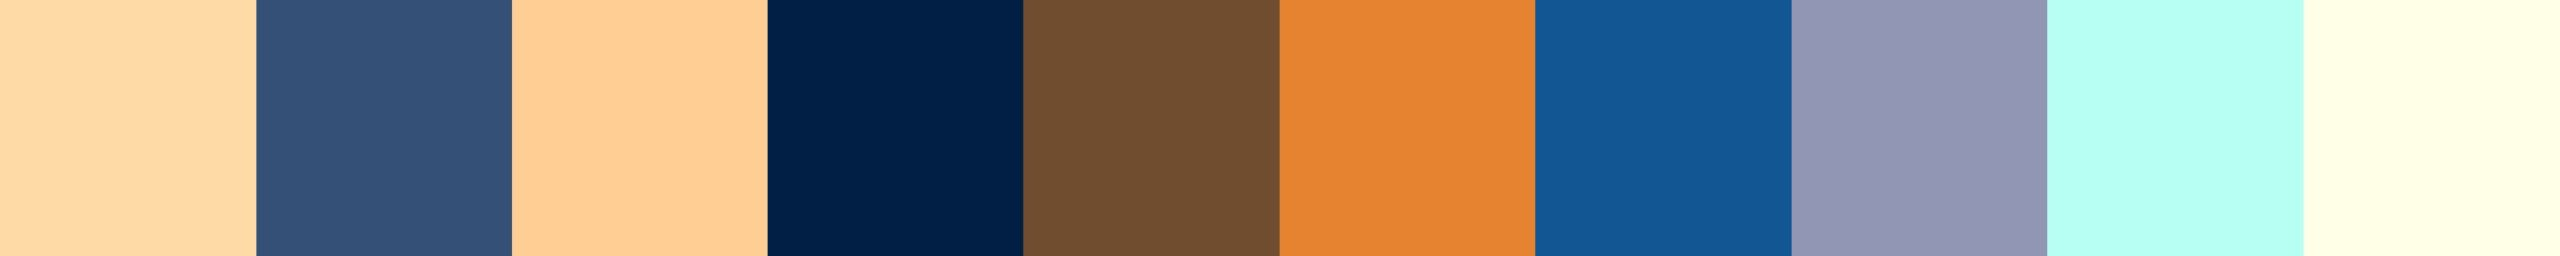 176 Lemejiata Color Palette